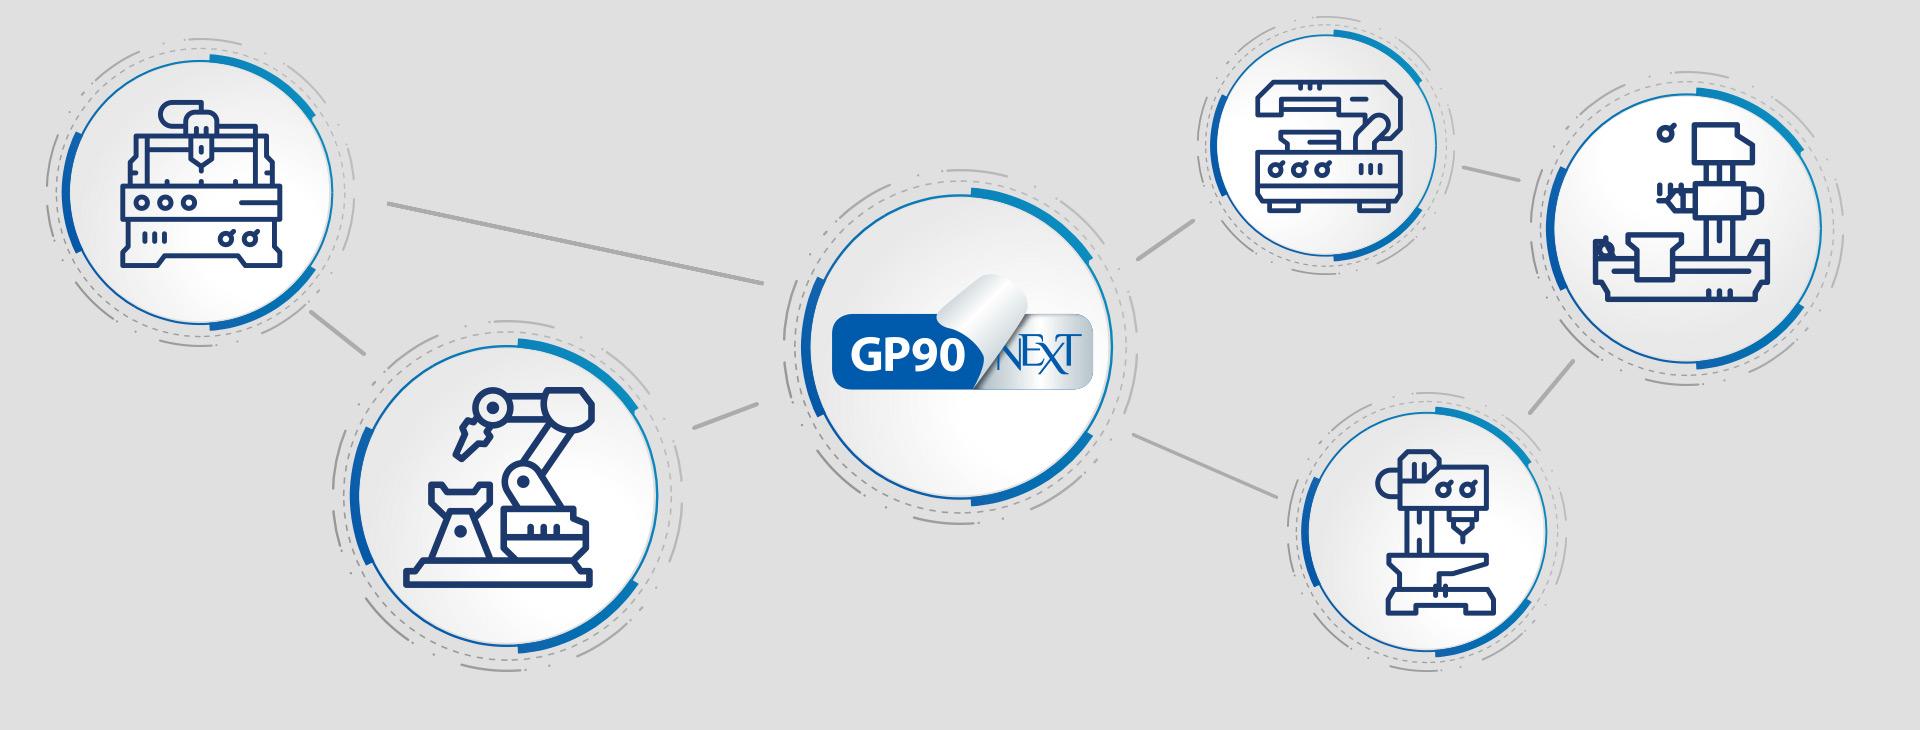 Fabbrica Interconnessa  Interconnetere le macchine per migliorare produzione, controllo e tempistiche. CNC sempre pronti grazie allo storage dei programmi ISO.